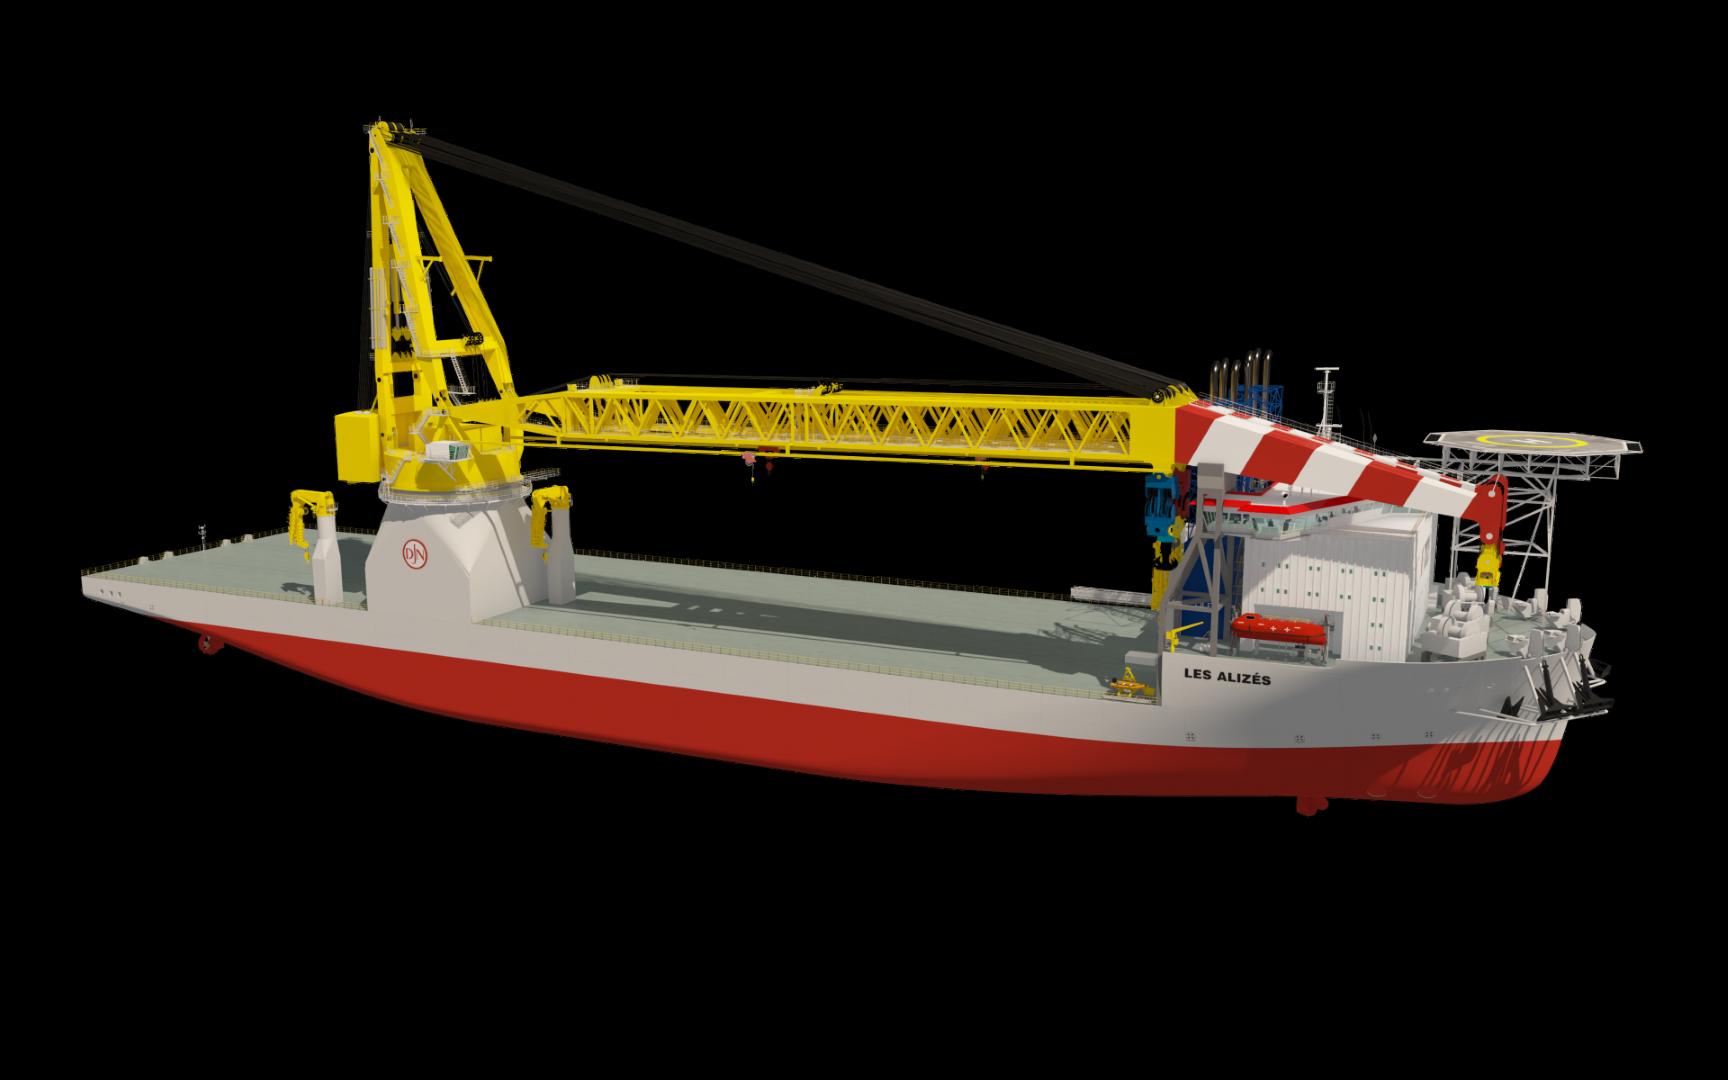 Artist's impression van het nieuwe kraanschip Les Alizes voor Jan De Nul. Het schip kan 5000 ton hijsen en 61.000 ton laden. (Illustratie Jan De Nul)